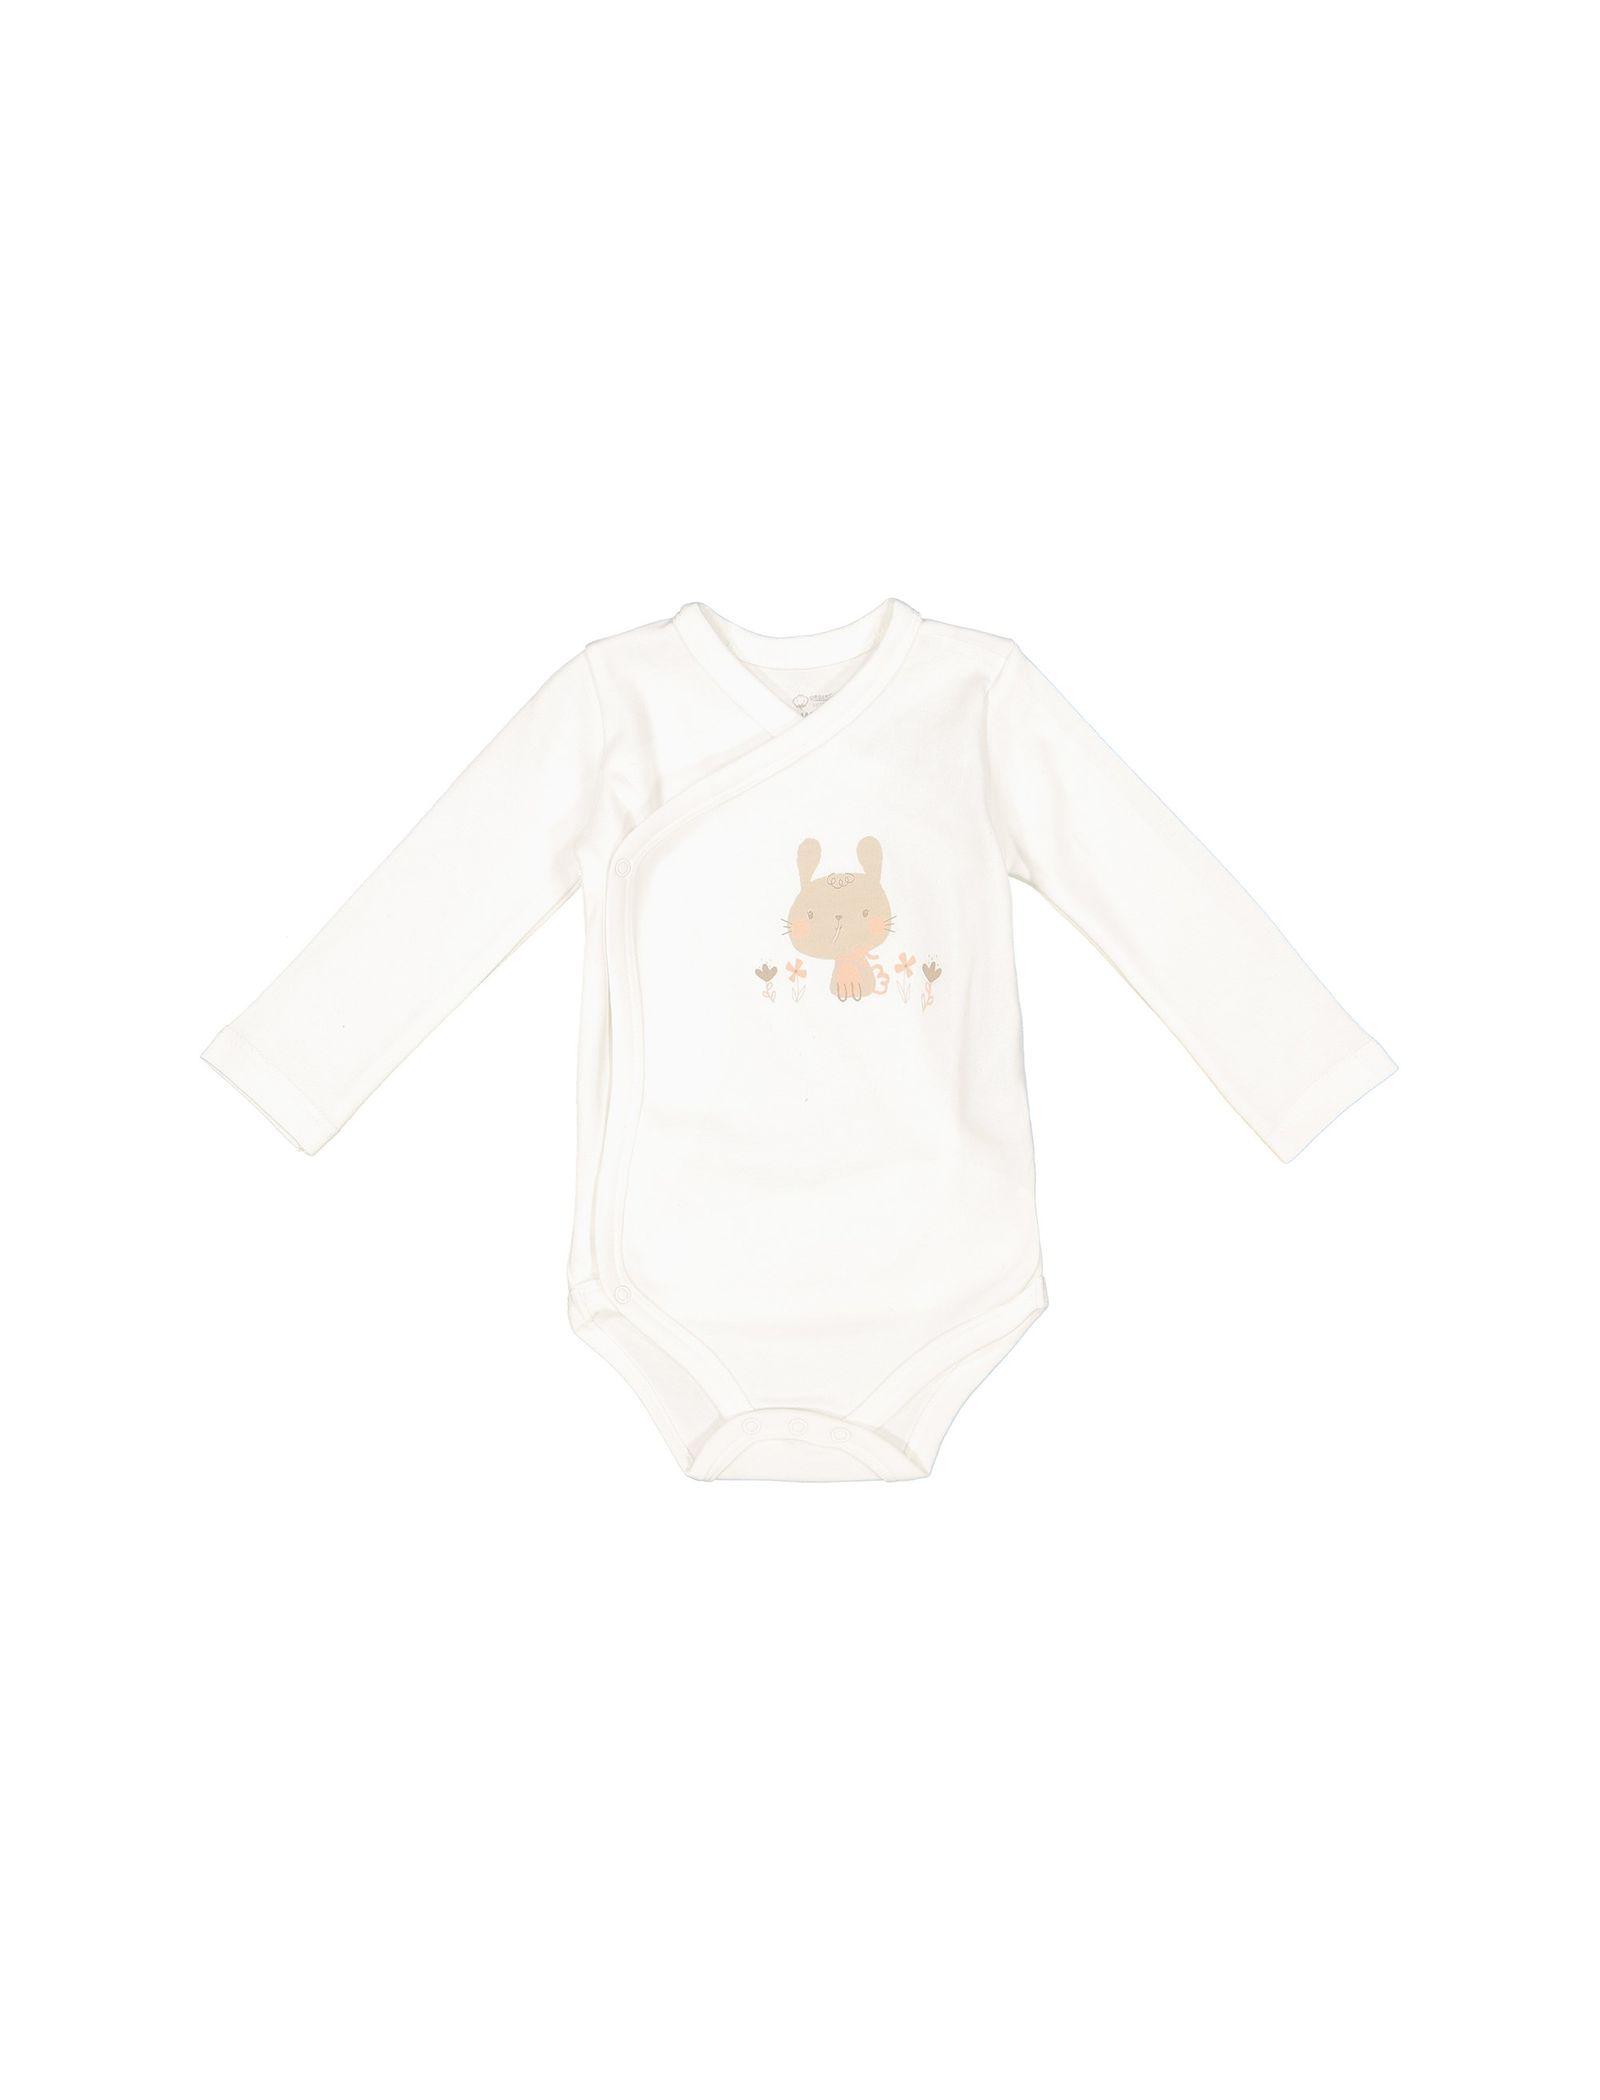 تی شرت و شلوار نخی نوزادی دخترانه - ال سی وایکیکی - کرم    - 2